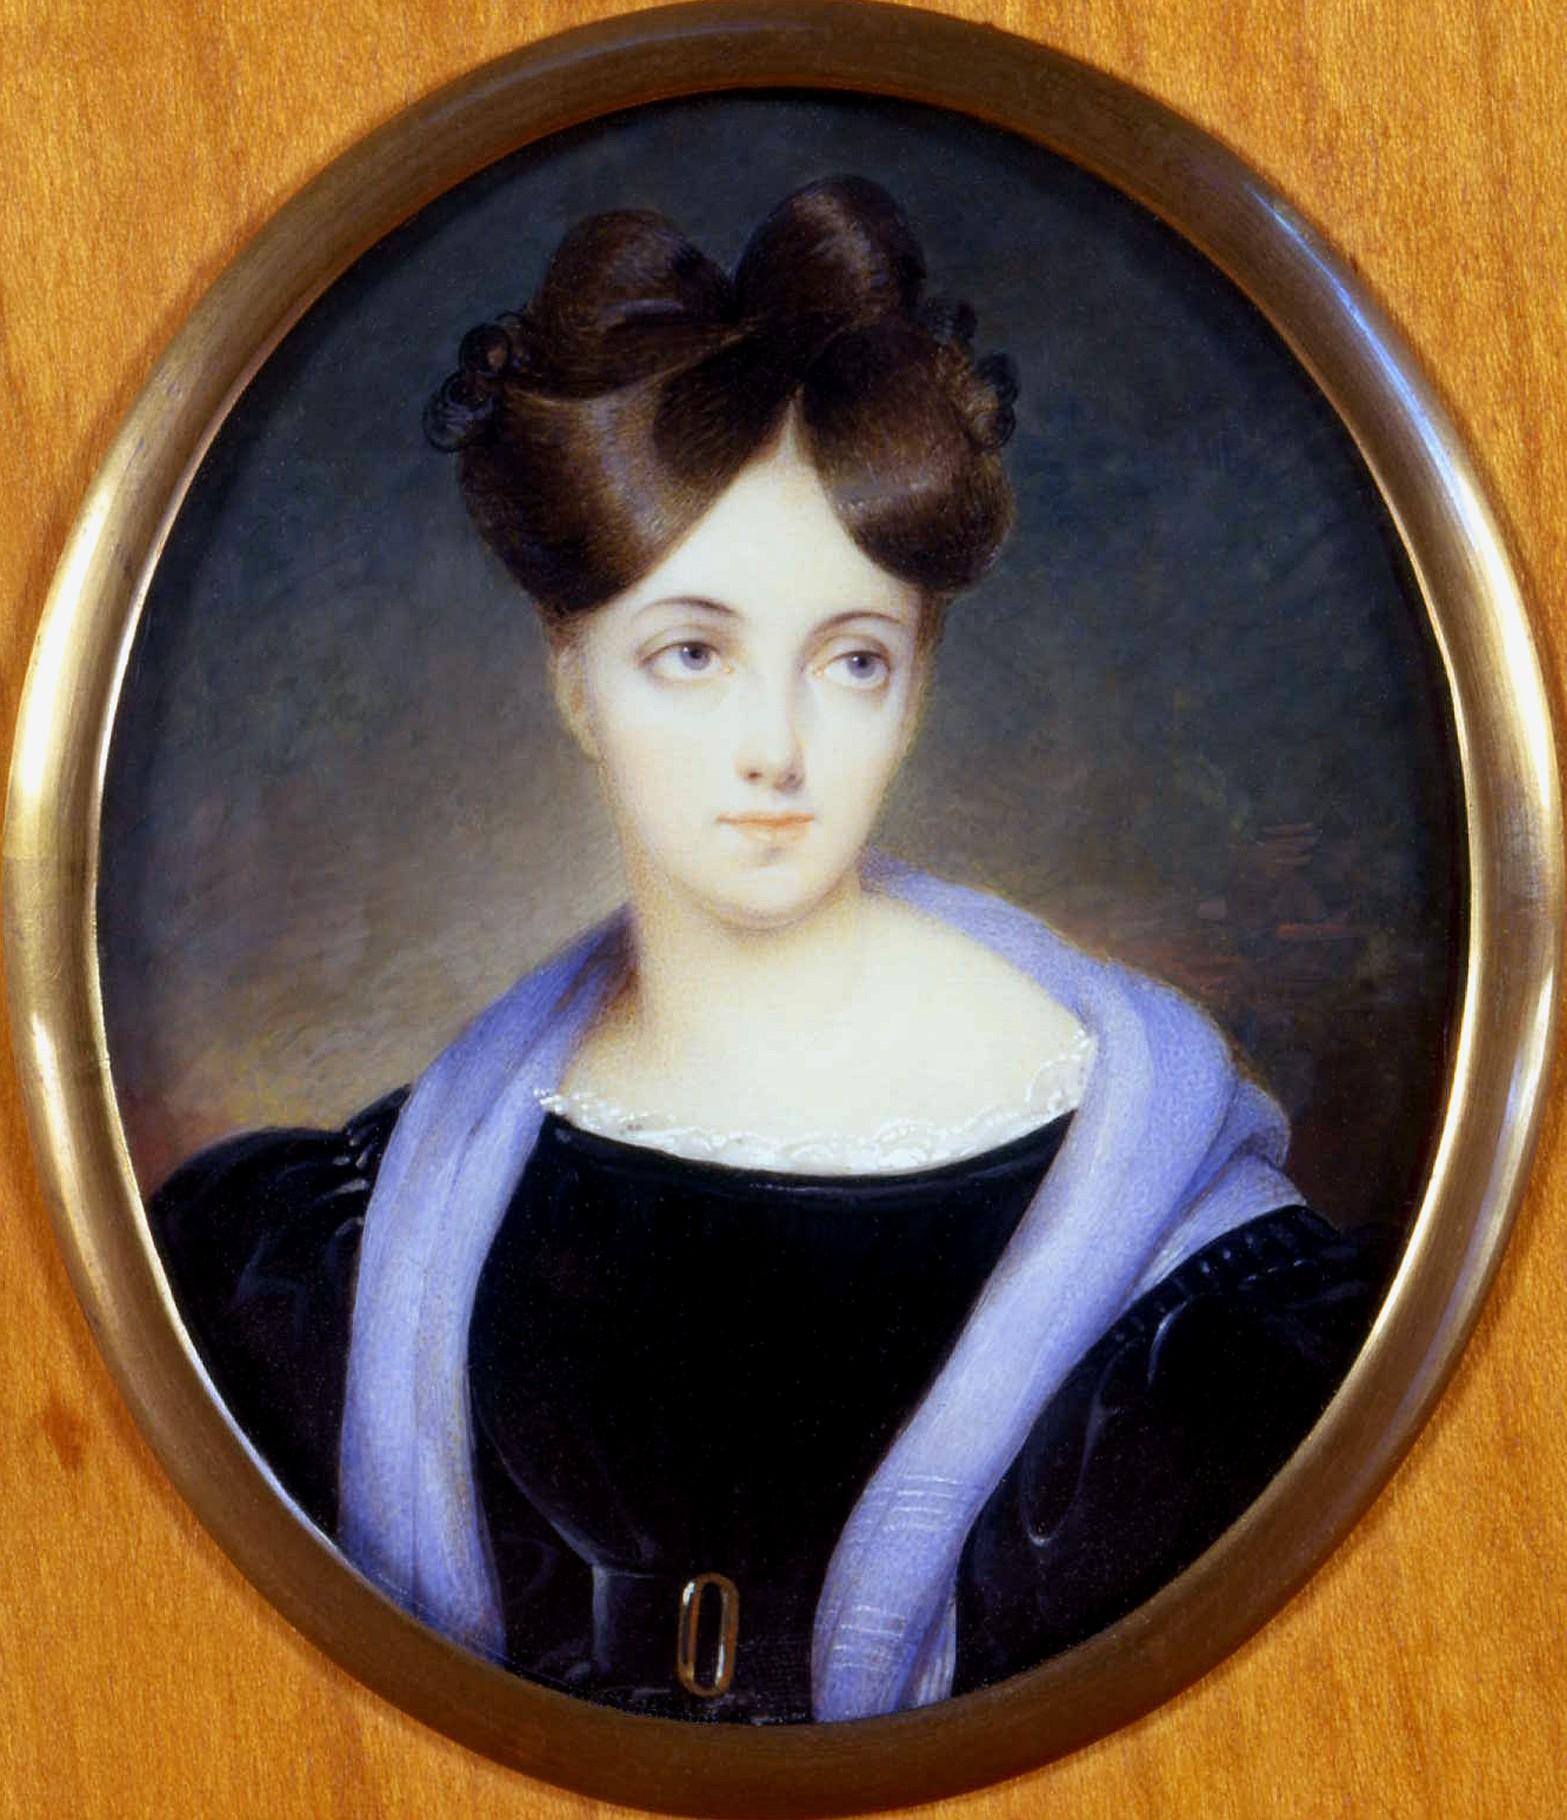 Miniature de Eliza Dillon-Guizot. Collection particulière de François Louchet.